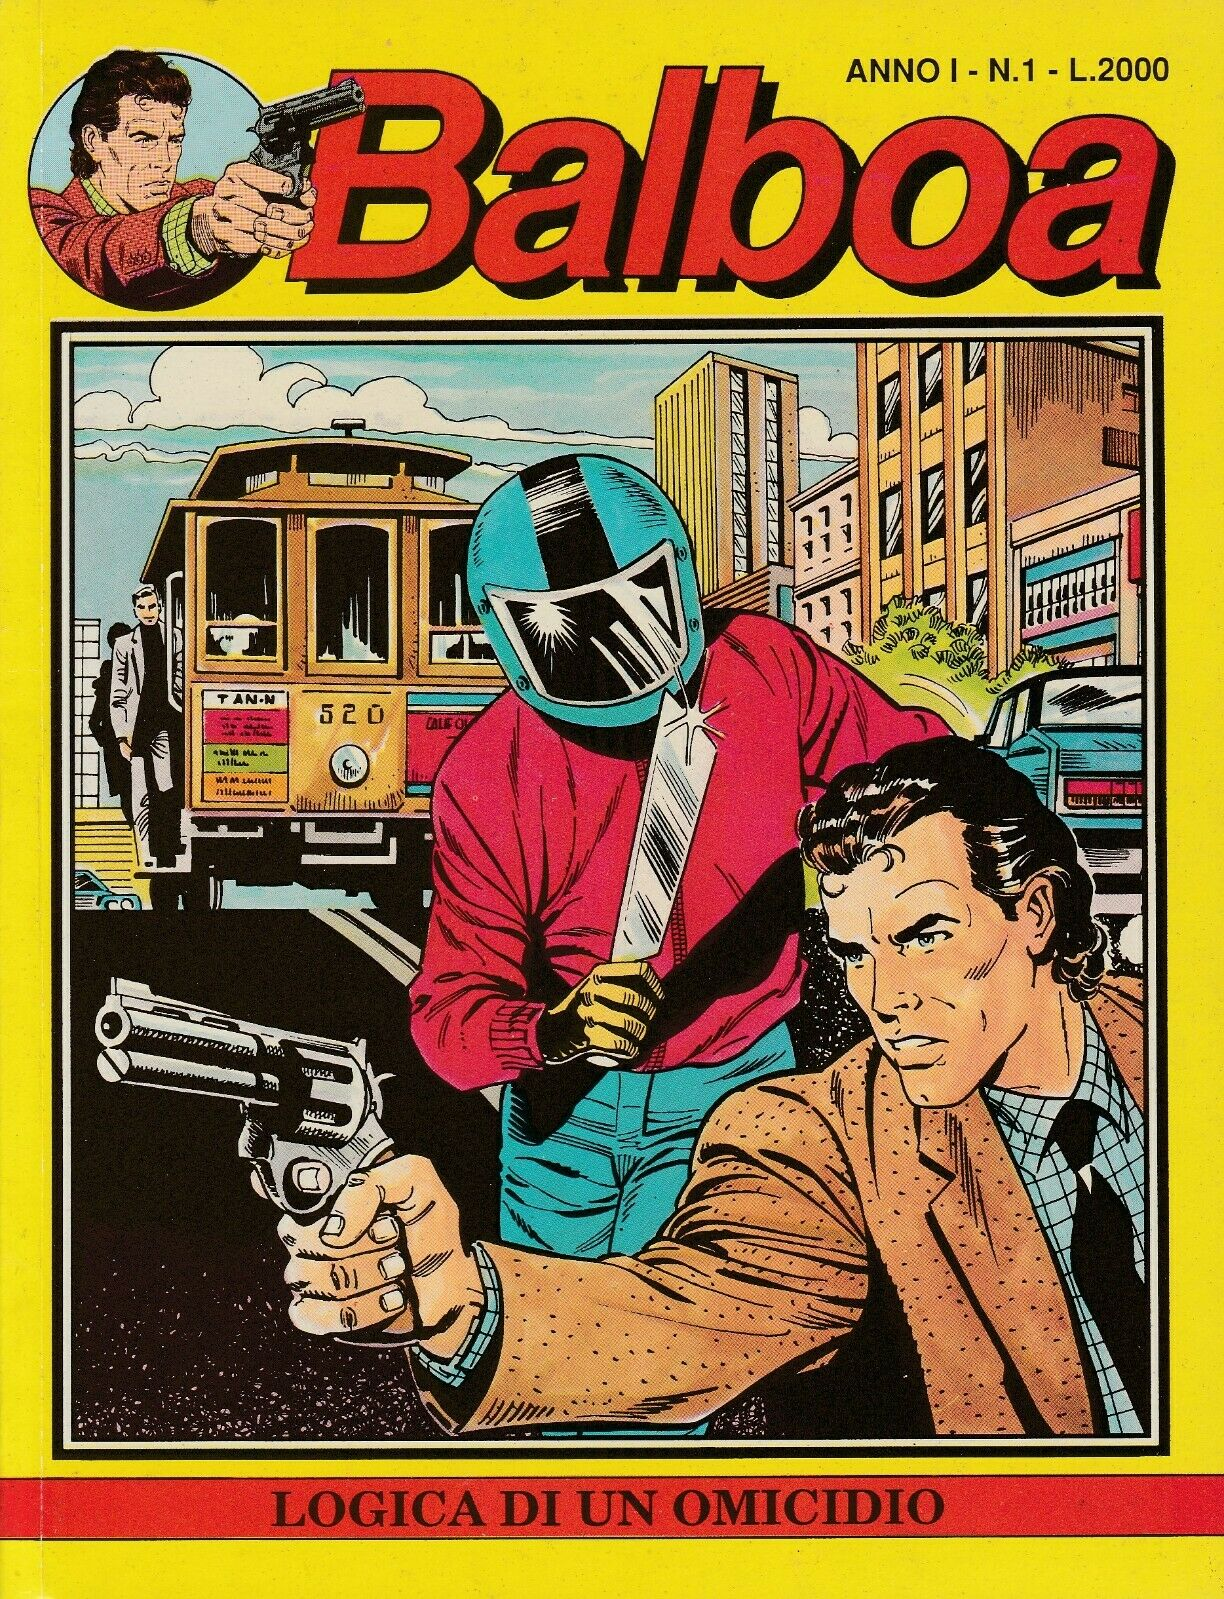 Immagine 1 - BALBOA #1 del APRILE 1989 - LOGICA DI UN OMICIDIO, EDIZIONI PLAY PRESS